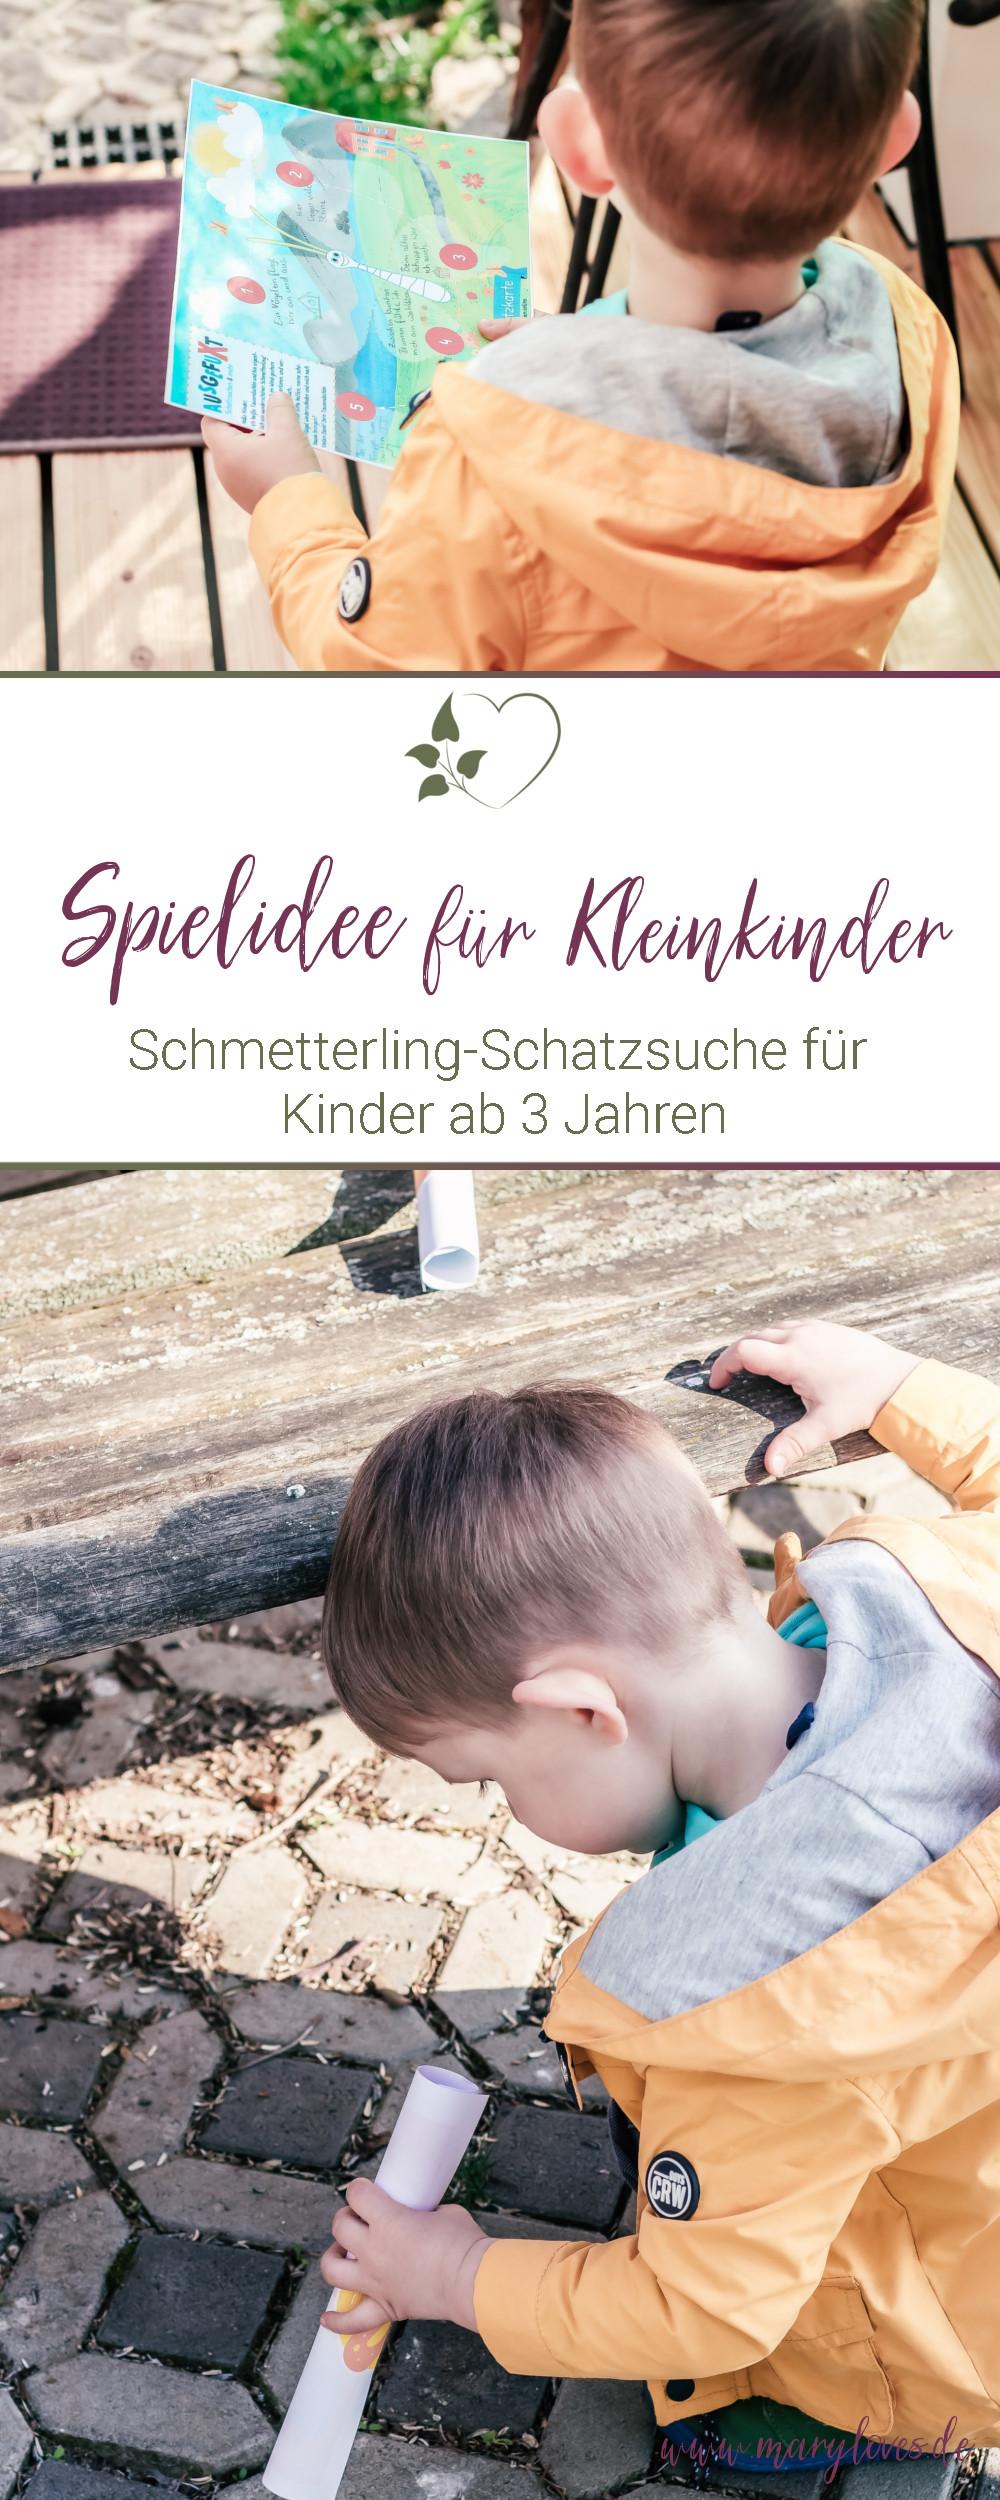 [Anzeige] Schatzsuche für Kleinkinder - Ein Schmetterling sucht seine Flügel - #schatzsuche #ausgefuxt #spielidee #kleinkind #beschäftigungsidee #kitakind